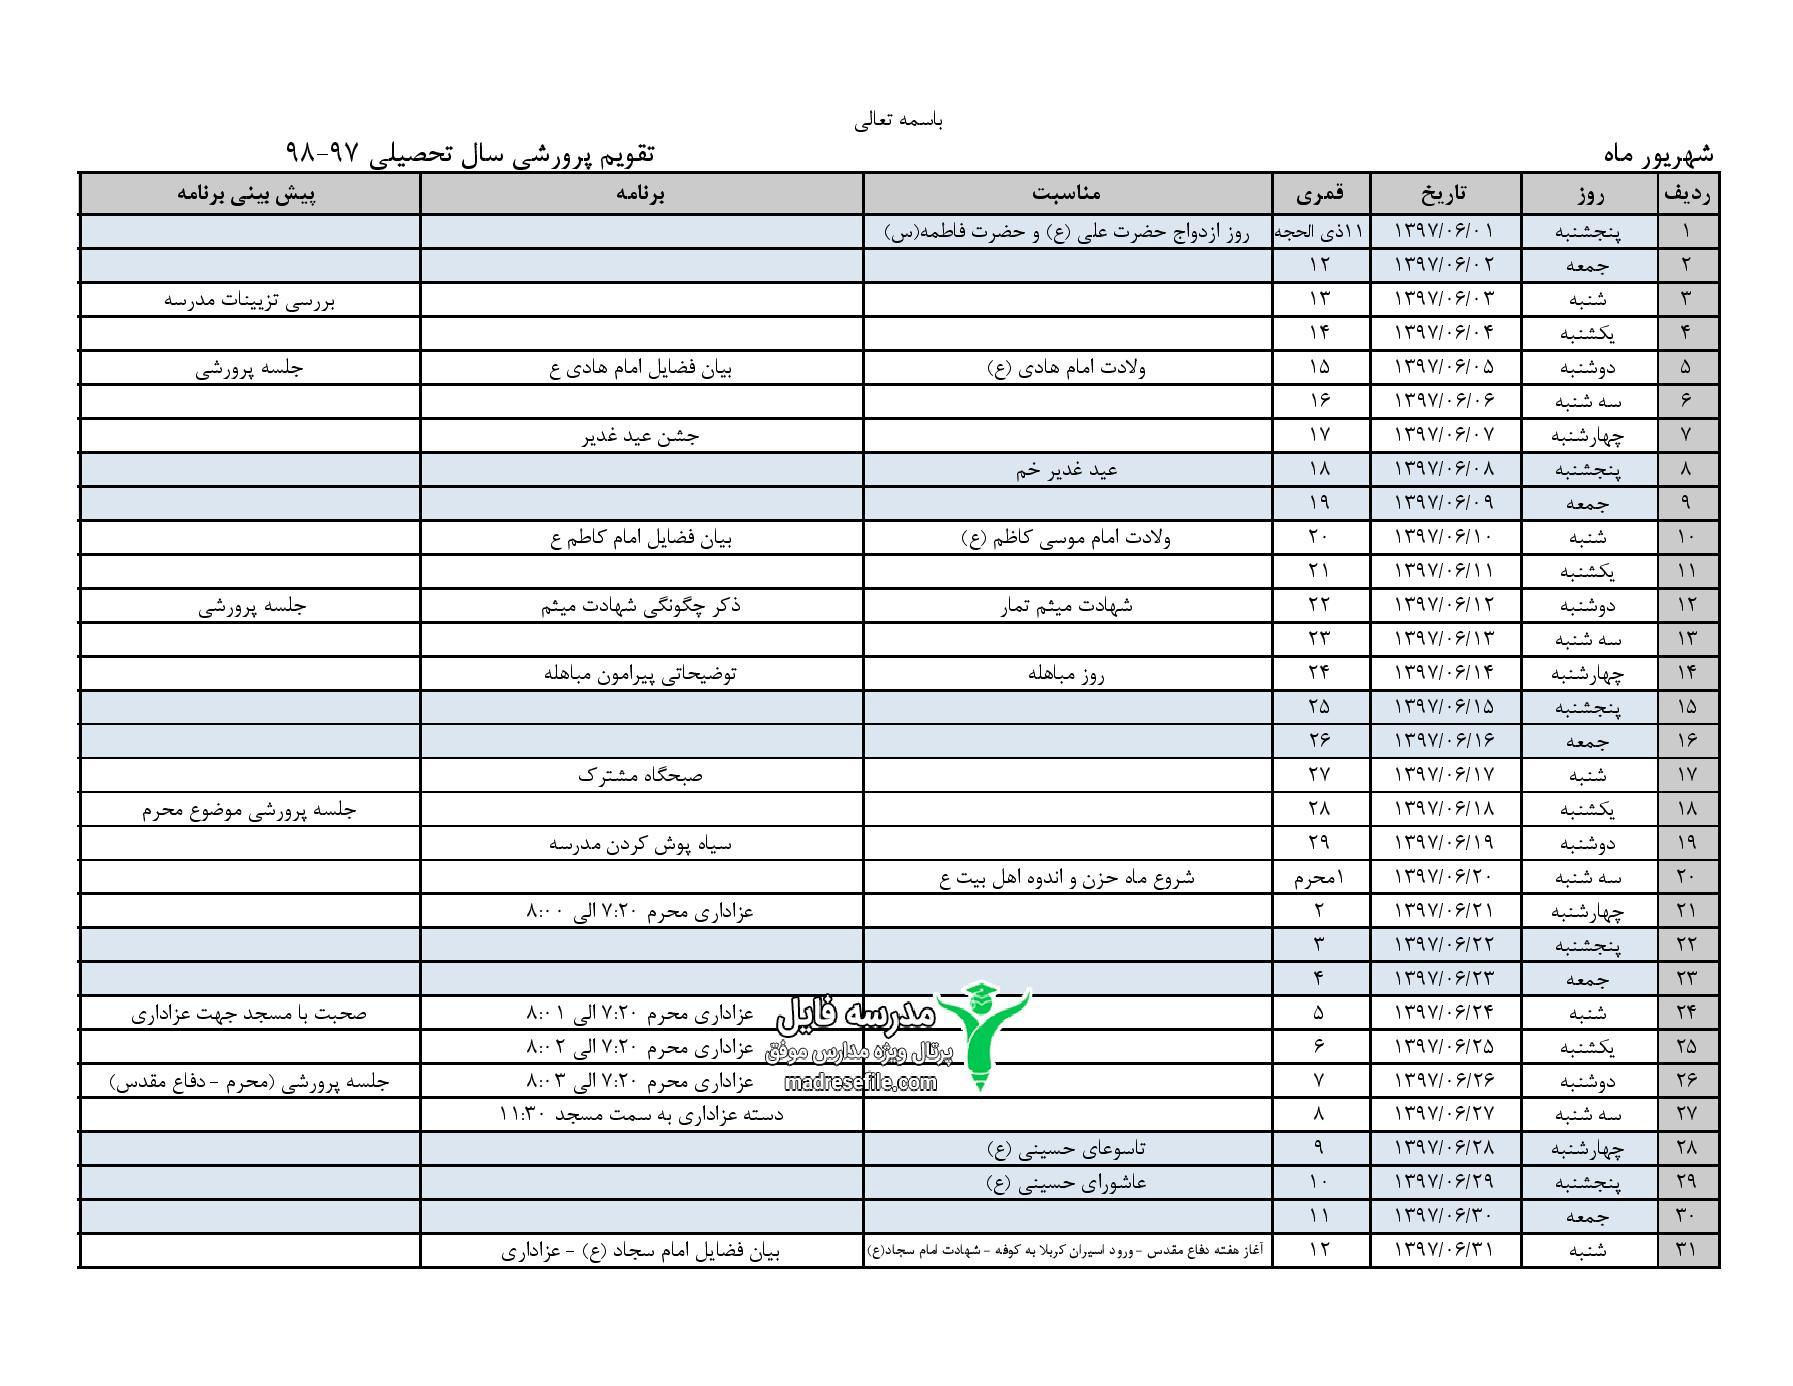 تقویم اجرایی و برنامه سالانه پرورشی شهریور ماه 97